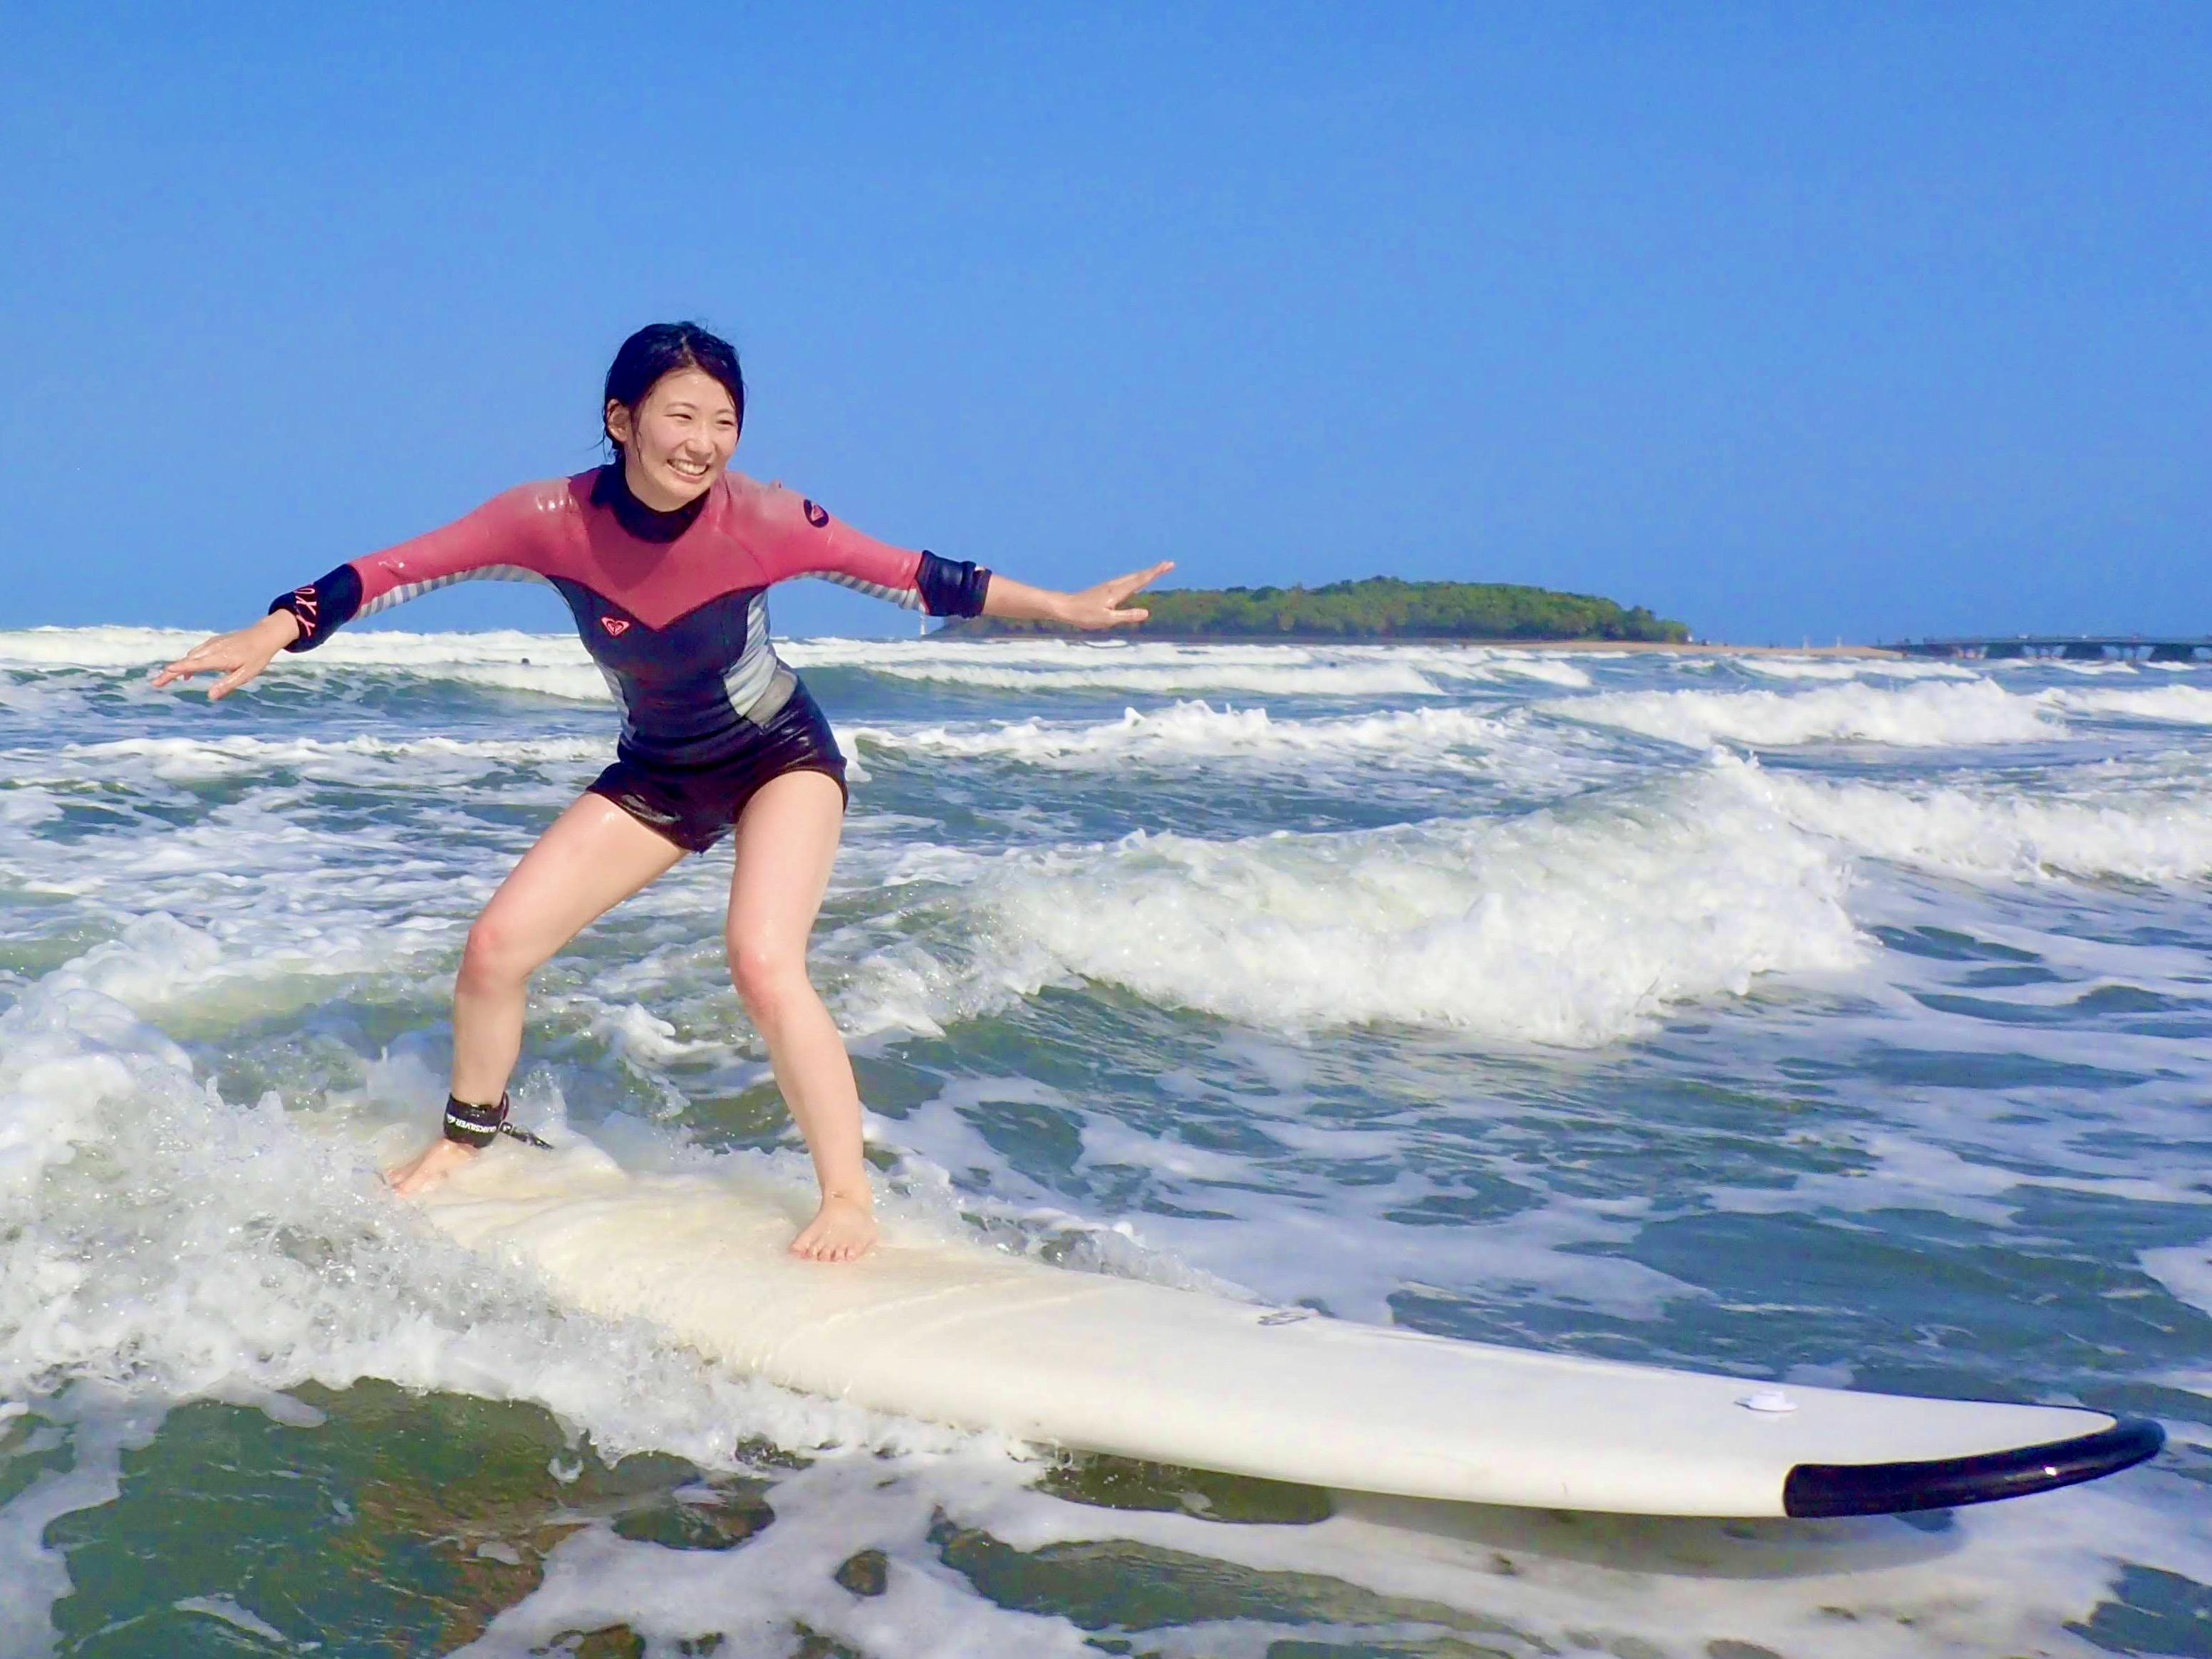 【新プラン】13:30「90分で波に乗ろう!はじめてのサーフィン体験」宮崎・青島...